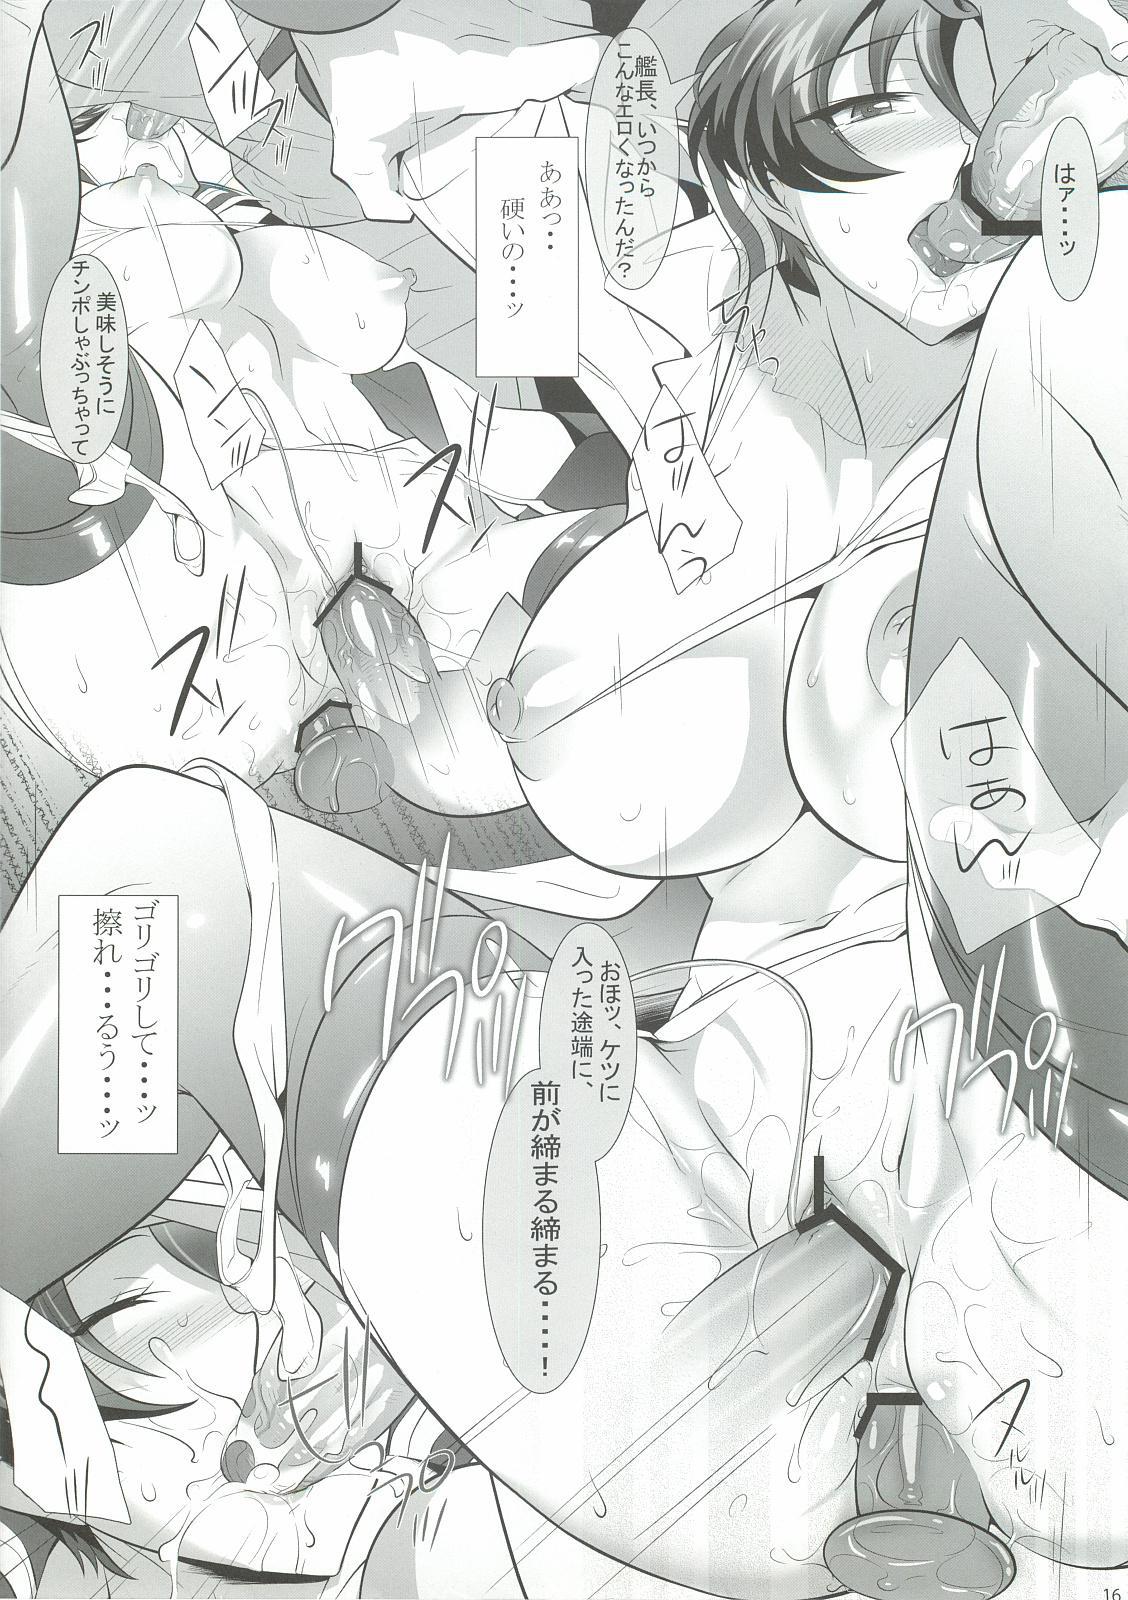 Katabutsu Kanchou Rouraku 14